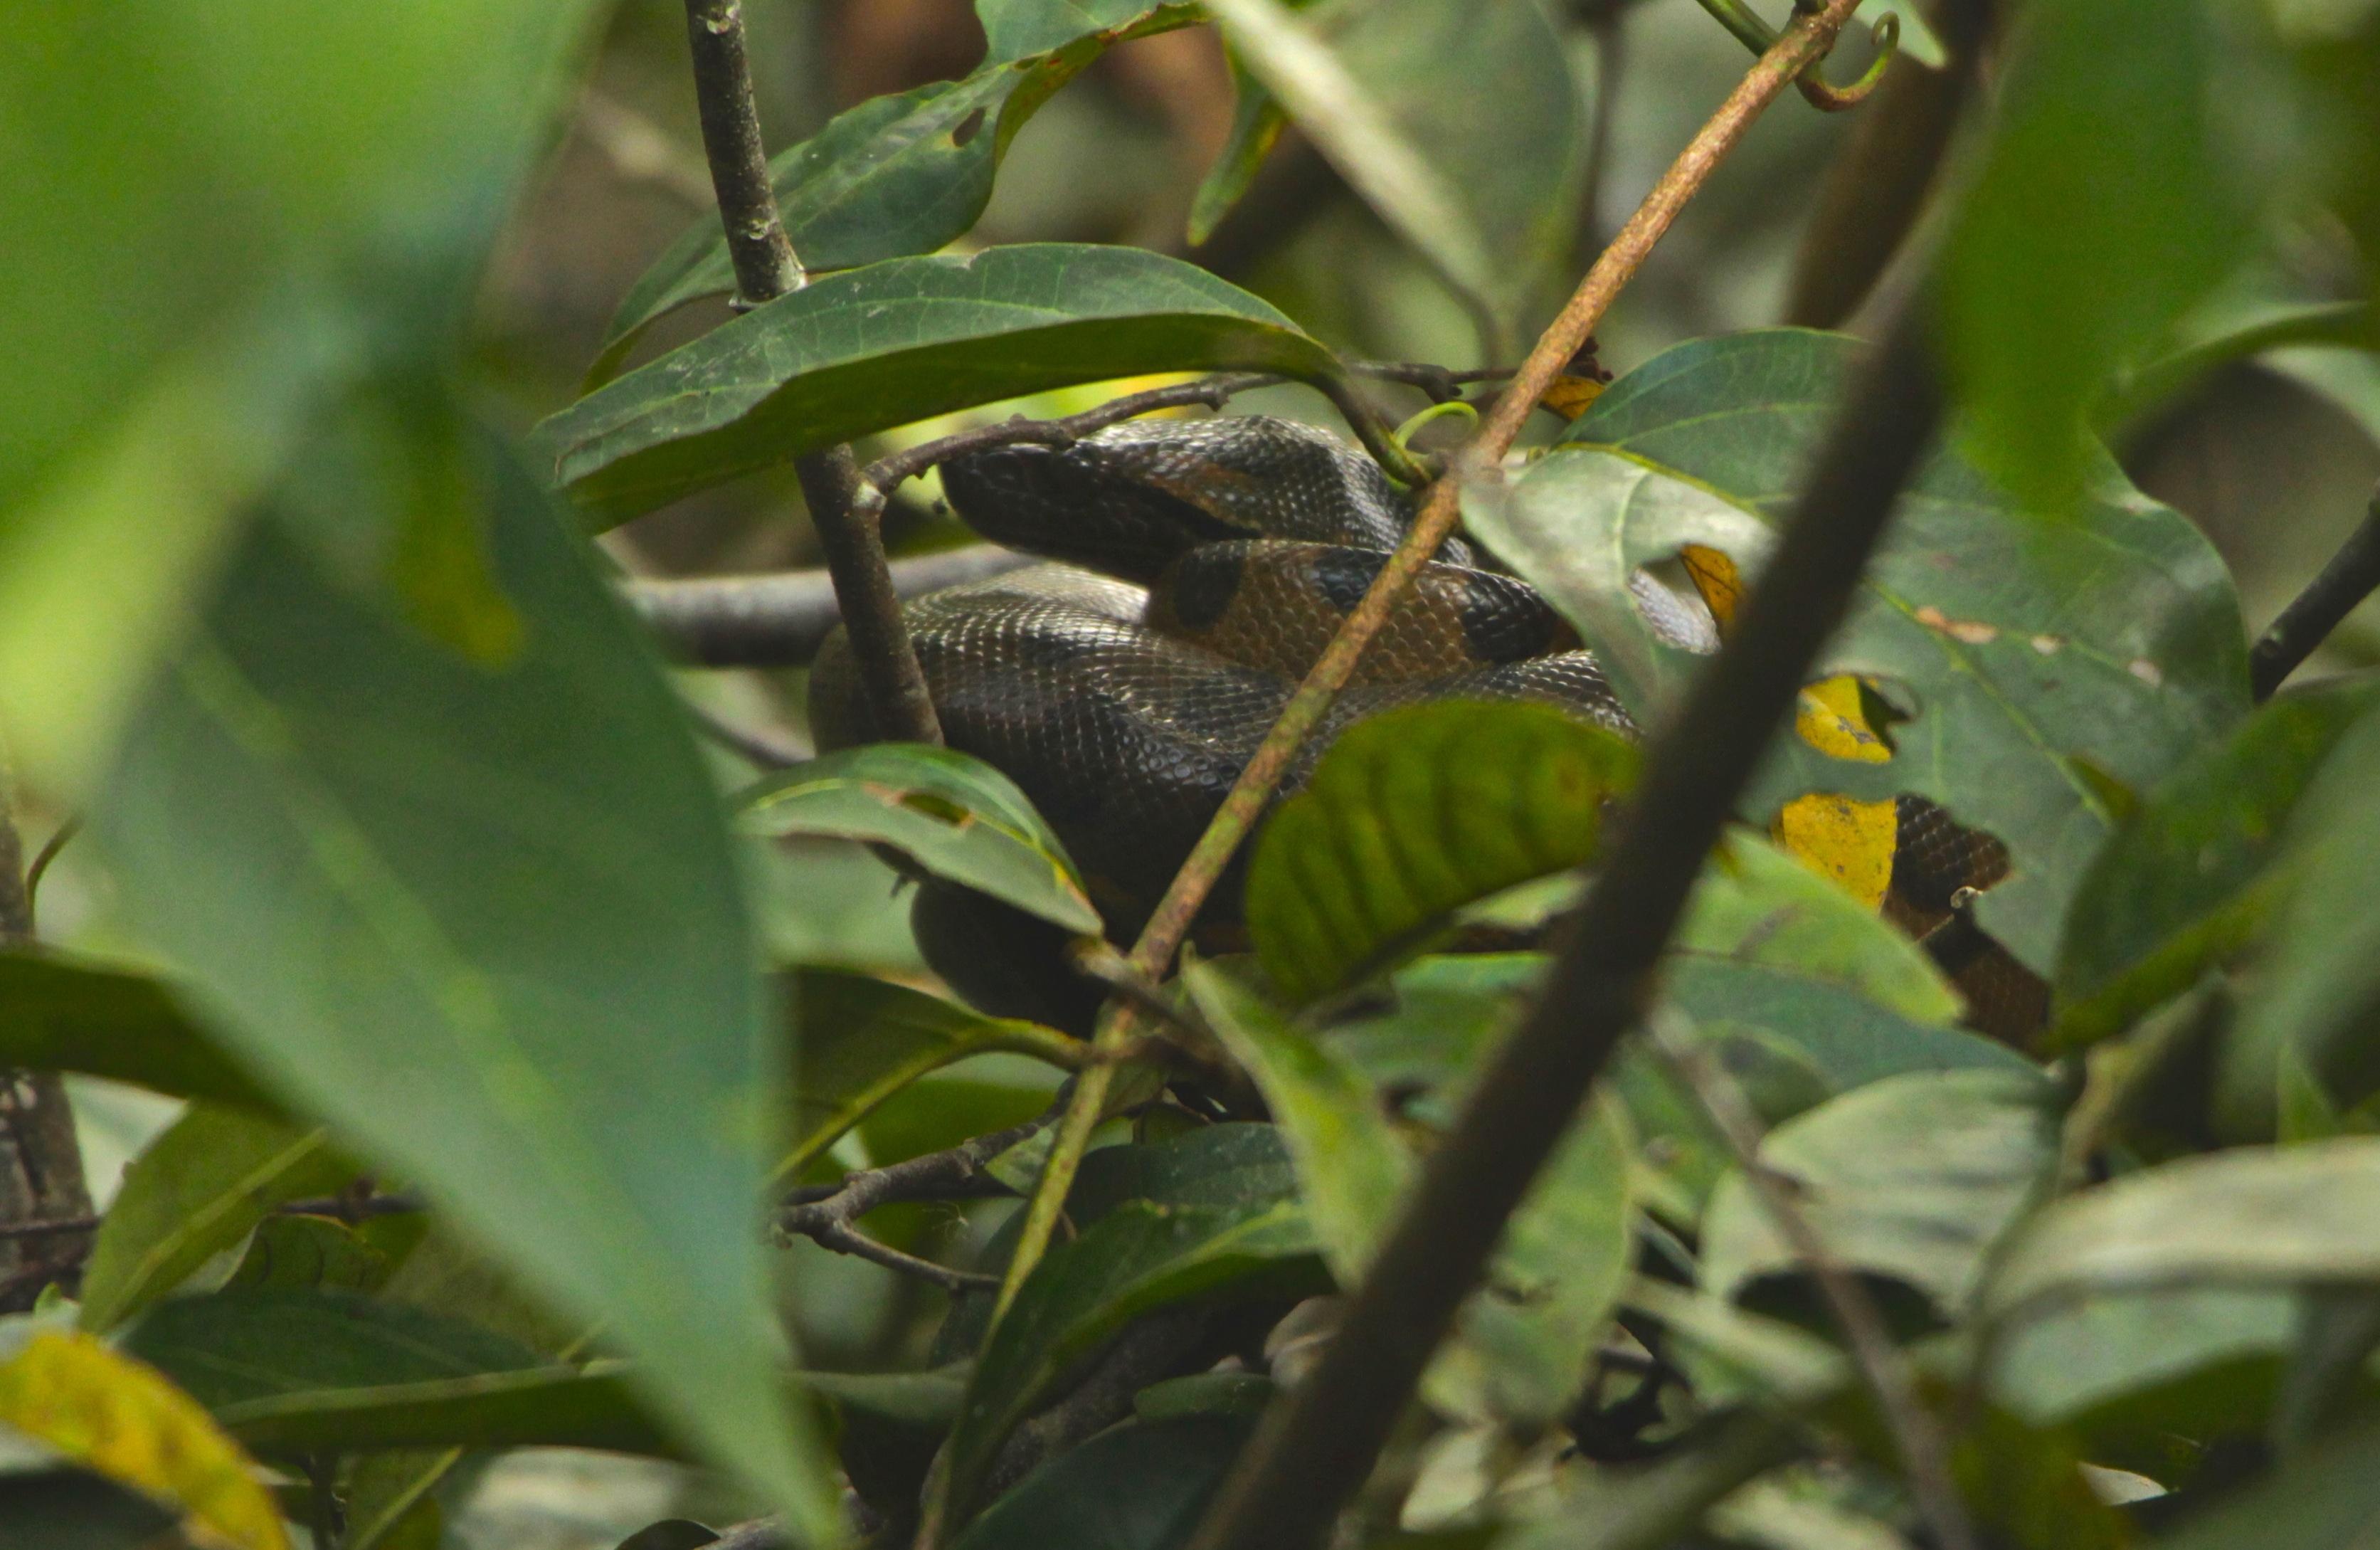 Baby Anaconda